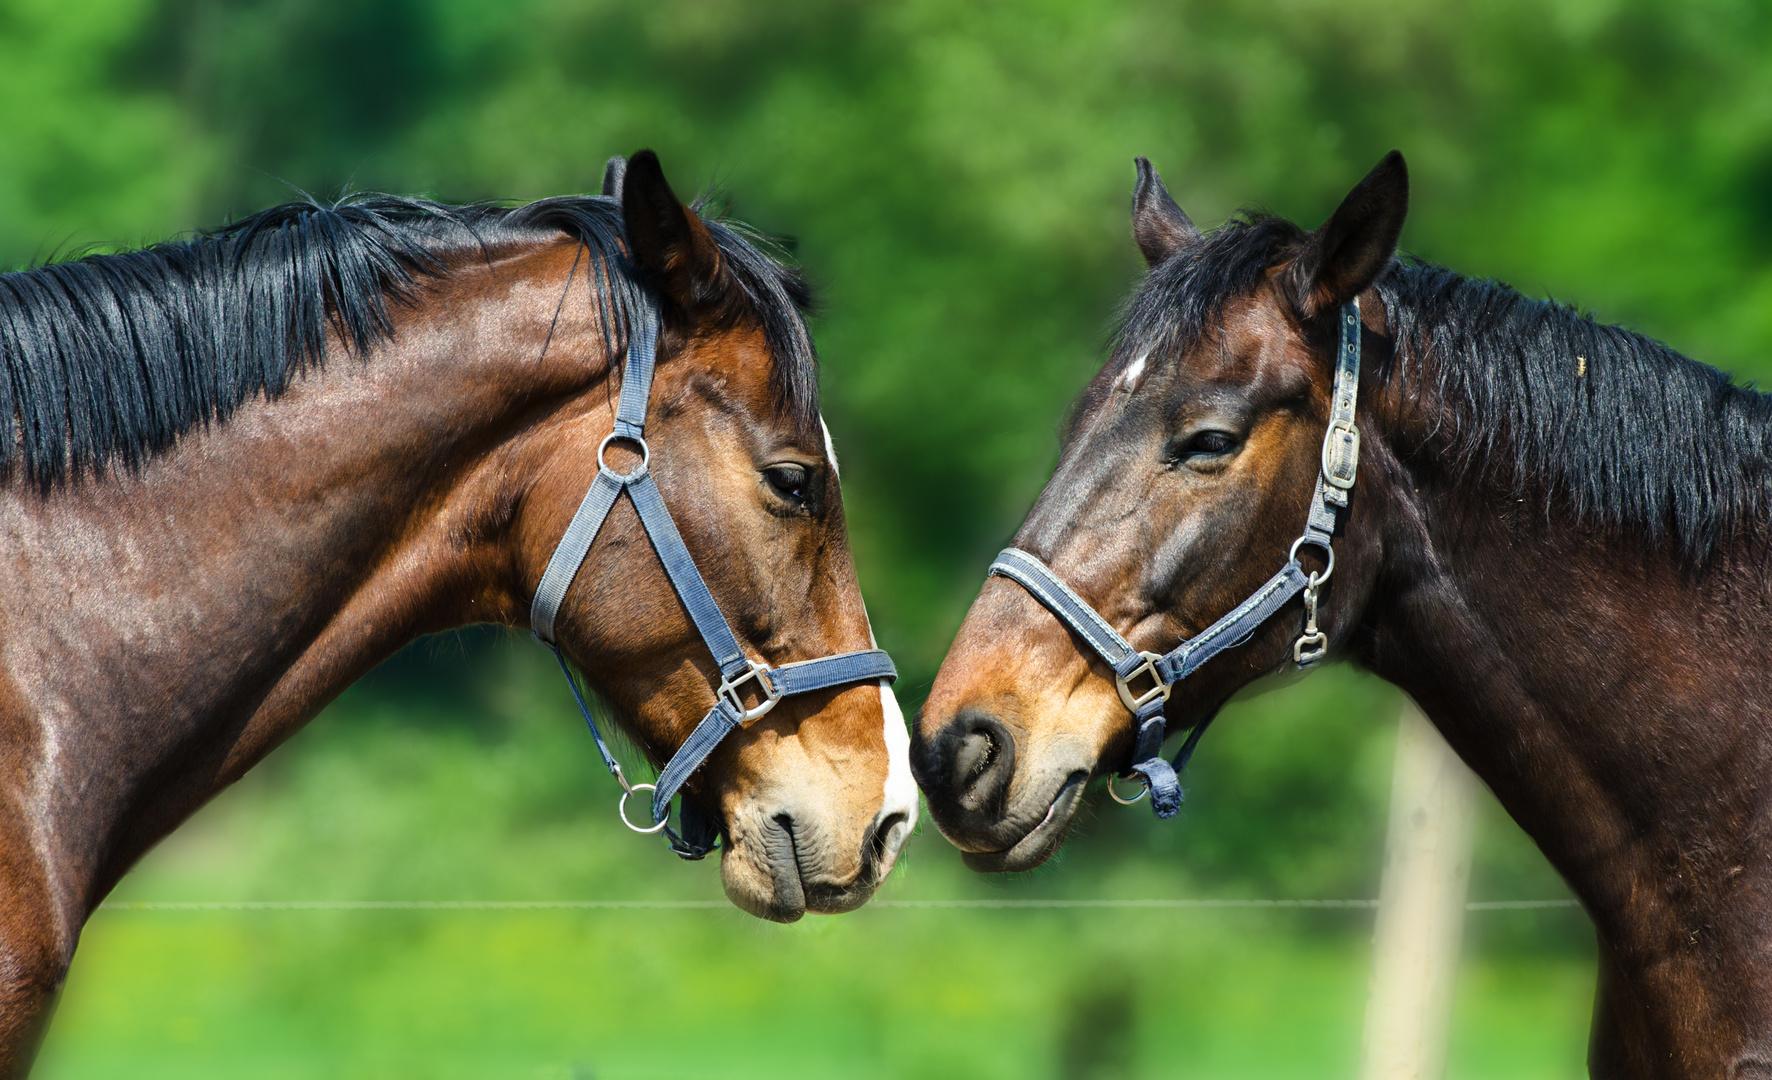 Nähe - zwei die sich mögen